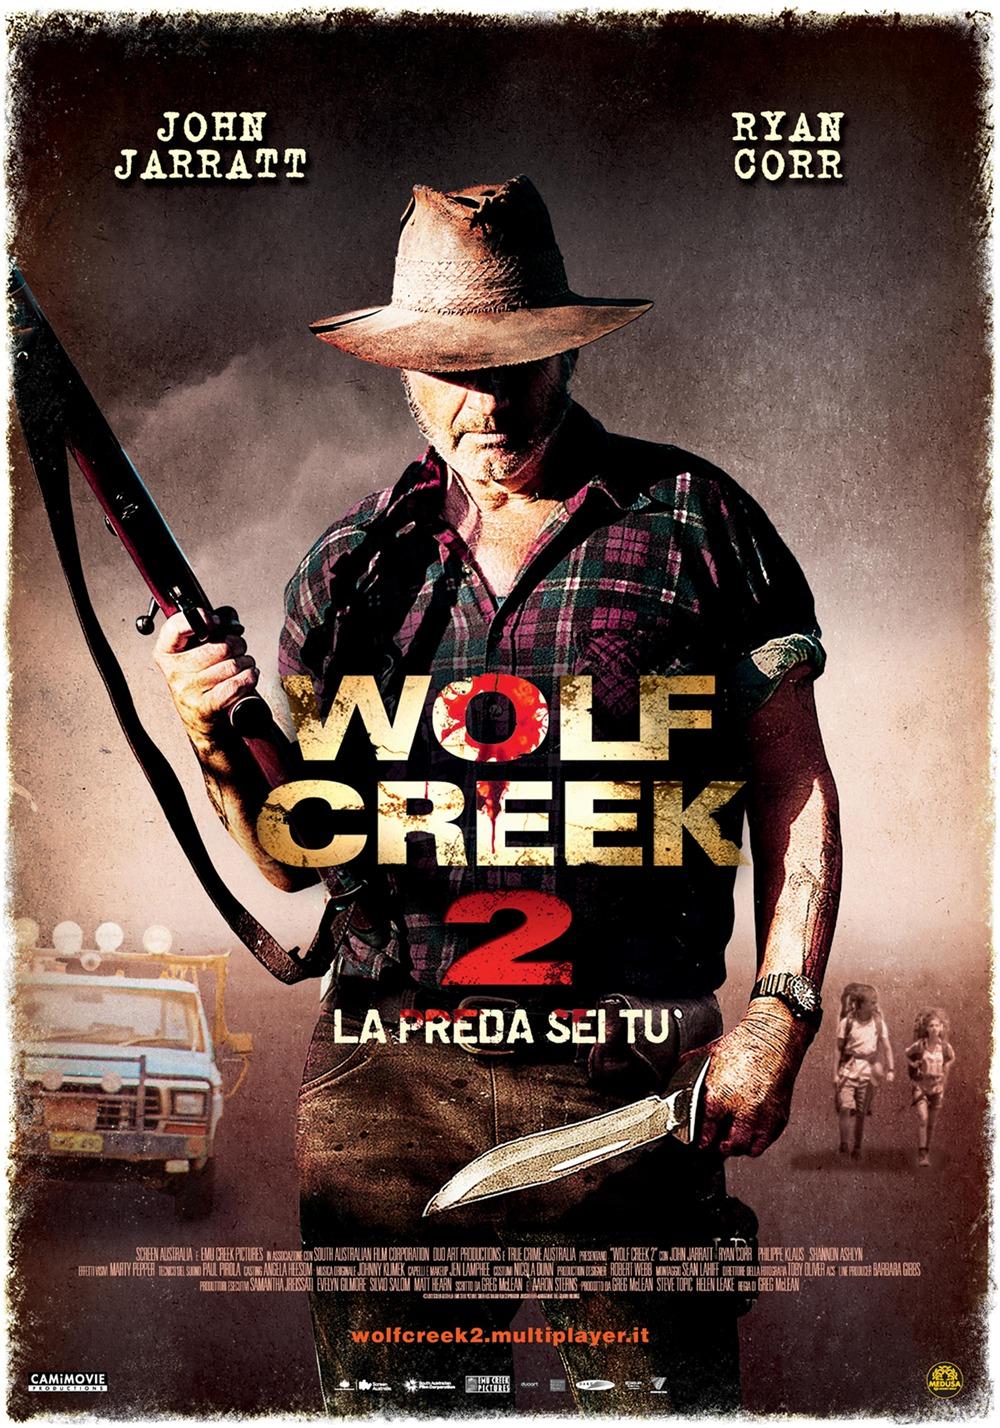 Wolf Creek 2 – La preda sei tu